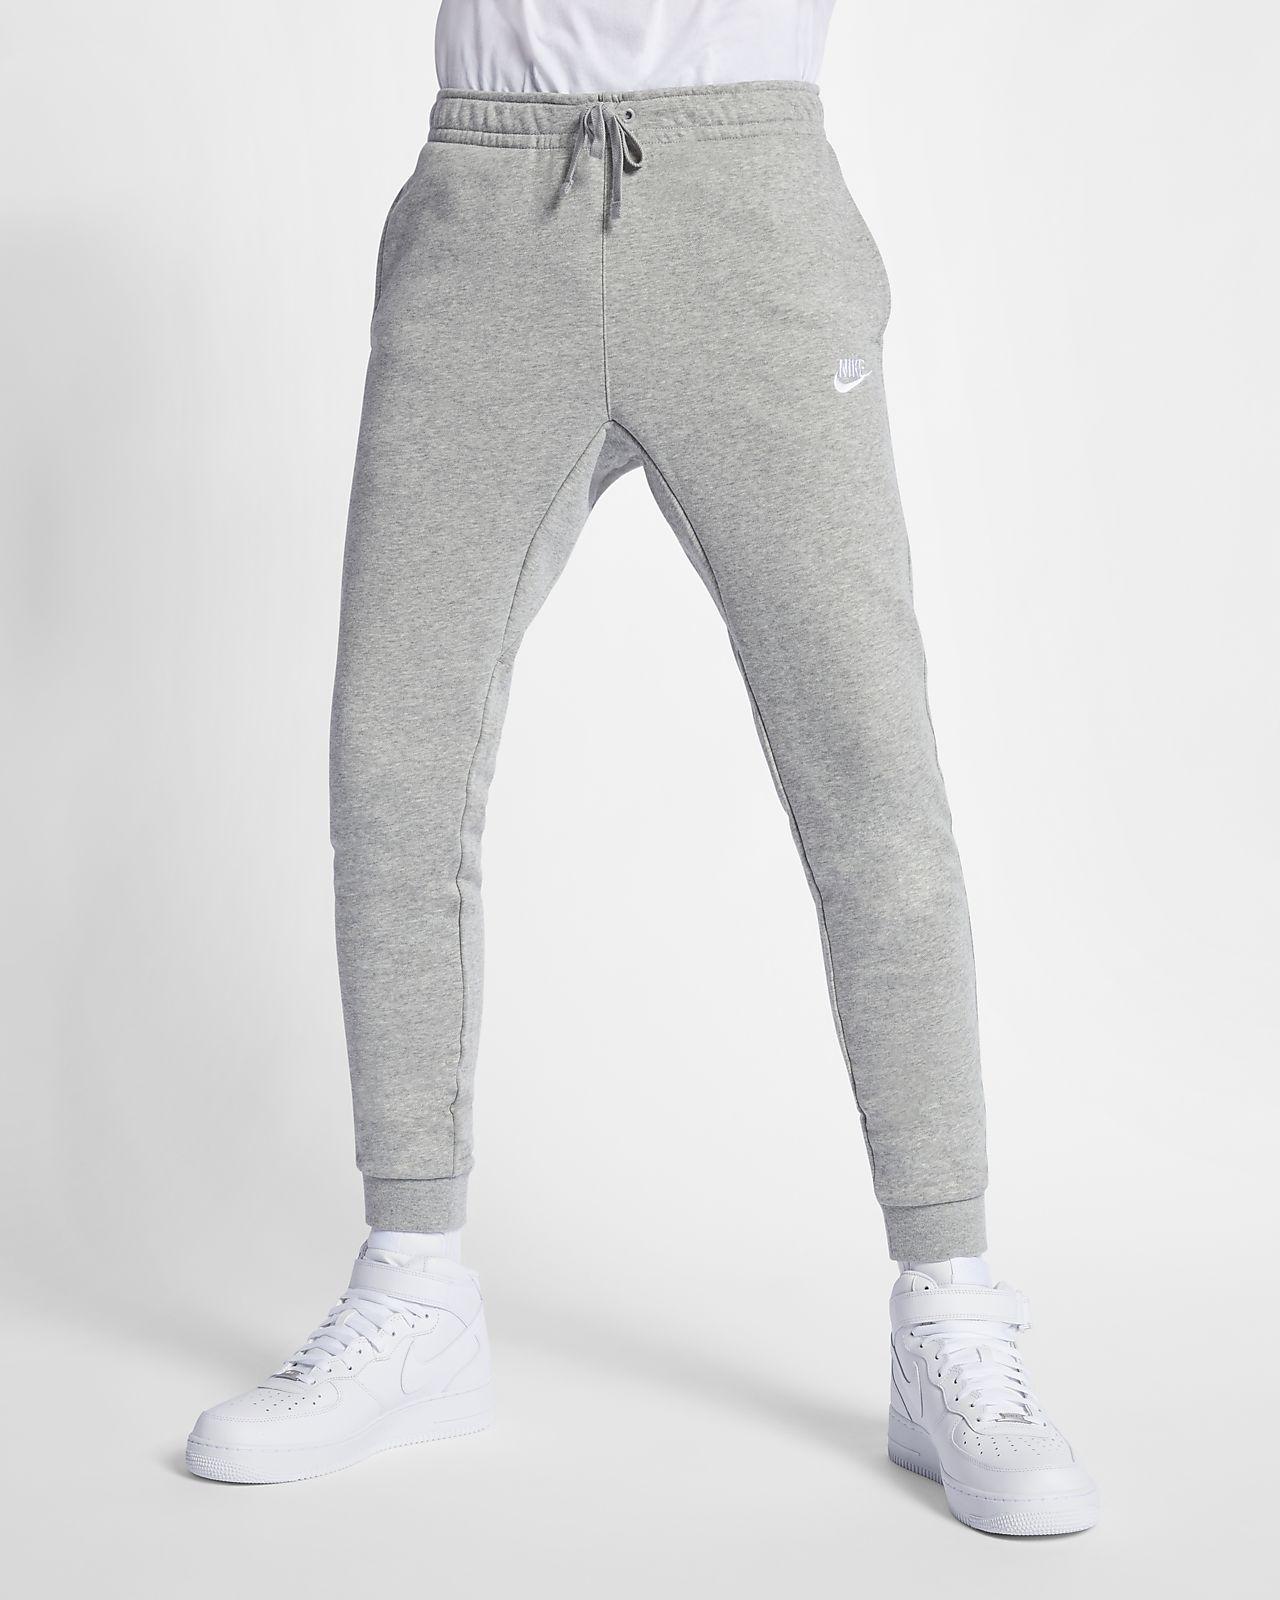 Pour Sportswear Nike Homme Pantalon De Ma Jogging qBIgxSw